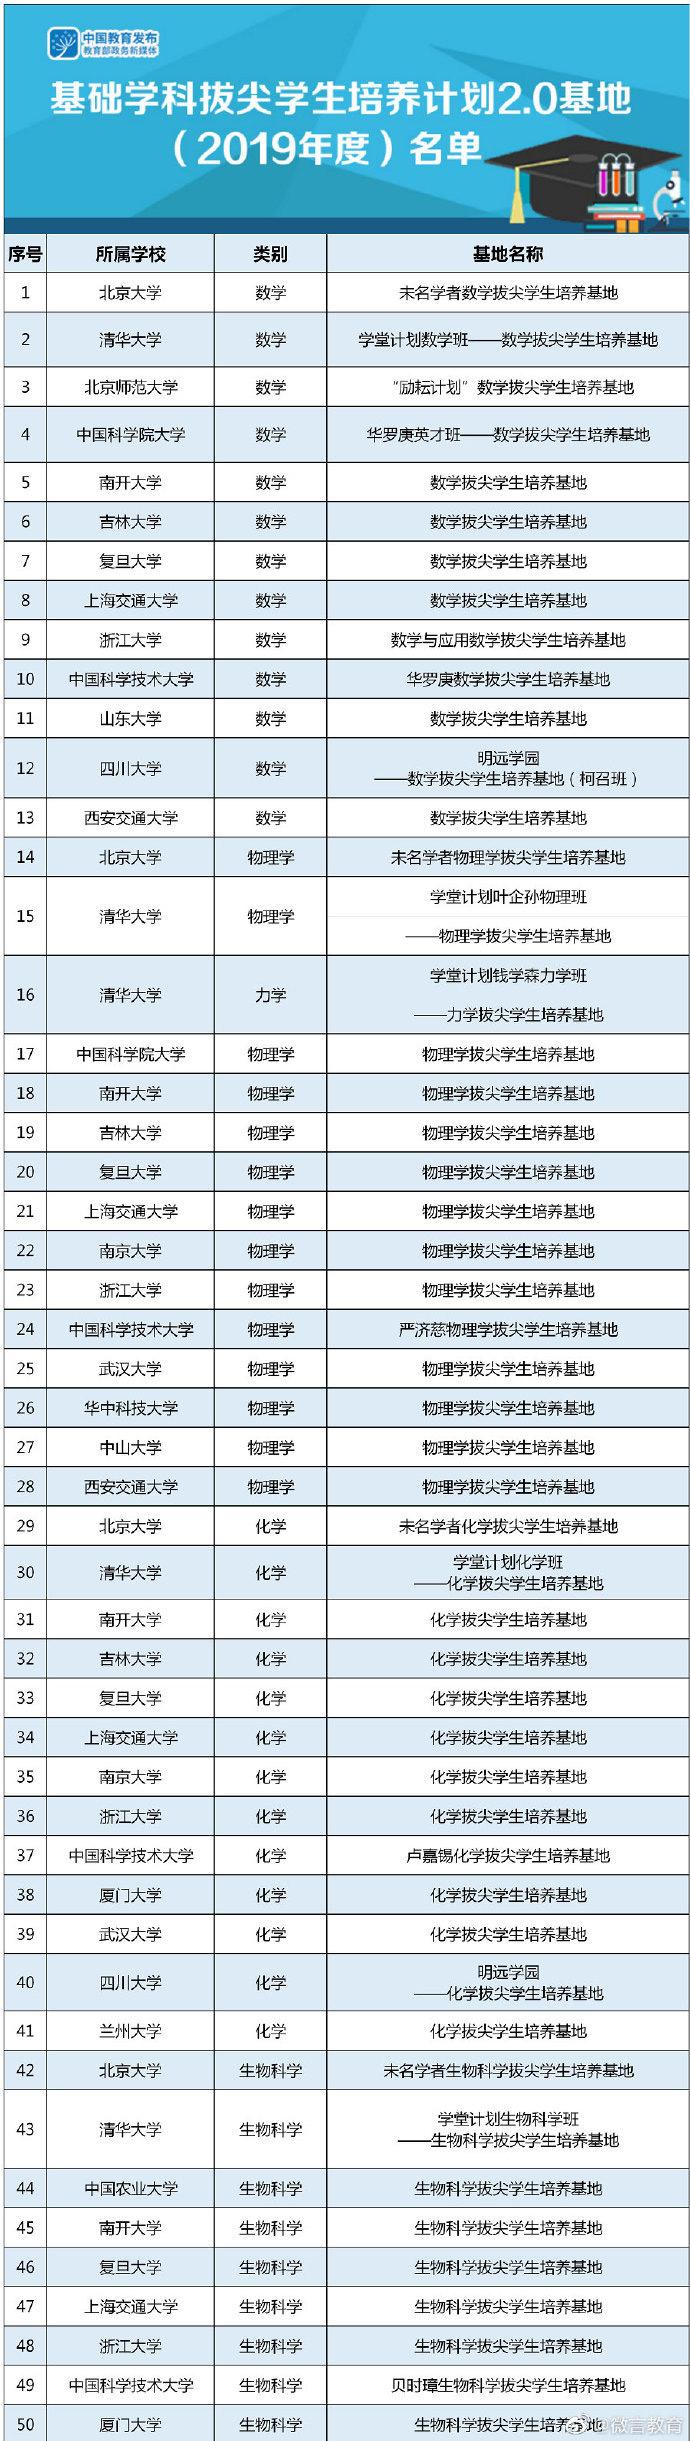 首批! 教育部基础学科拔尖学生培养计划2.0基地名单公布